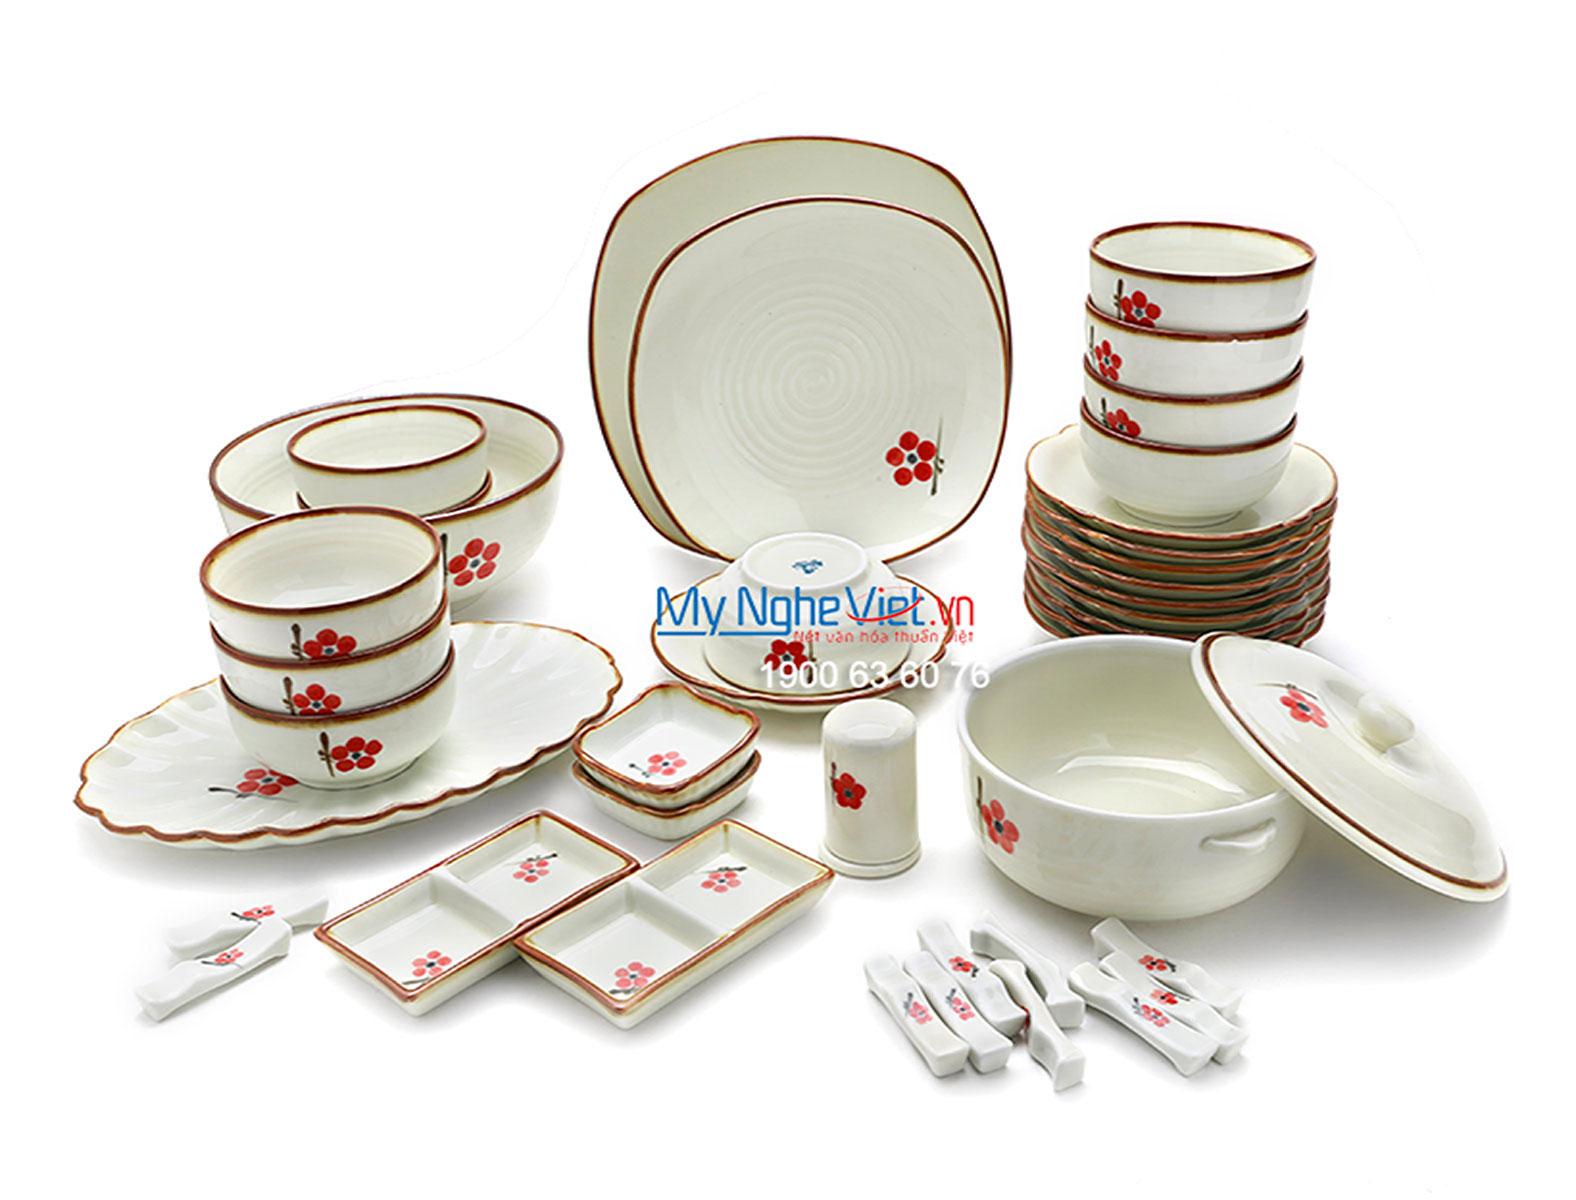 Bộ bàn ăn men trắng kem vẽ hoa đào đỏ 10 người  MNV-BBA02-7